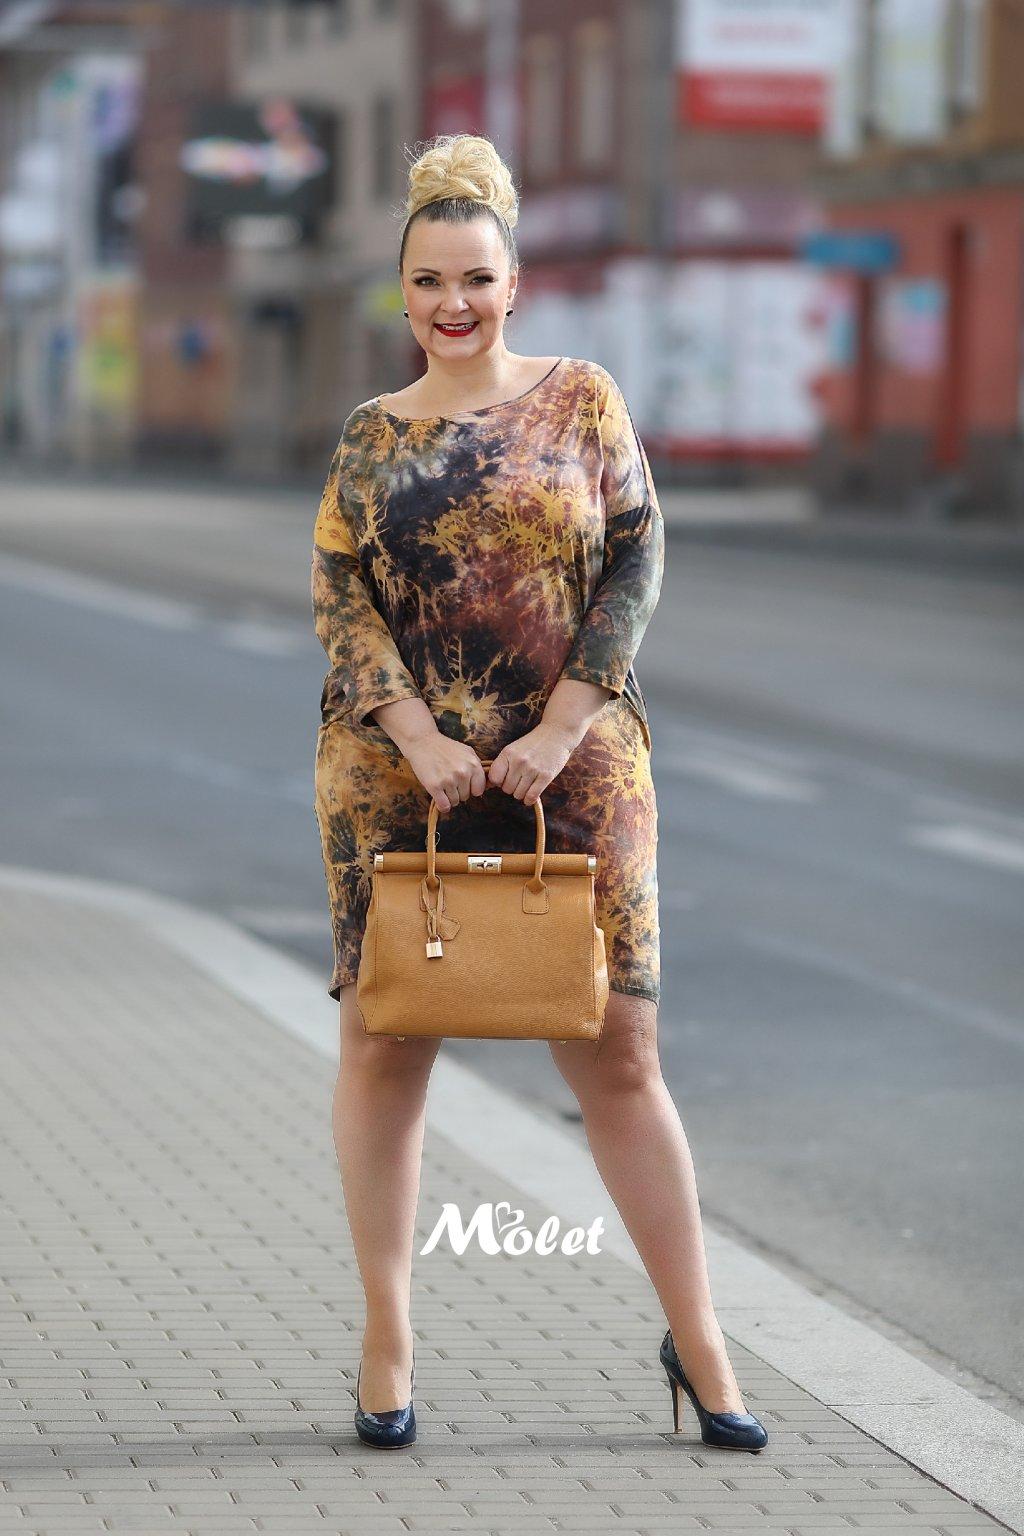 šaty Molet.cz